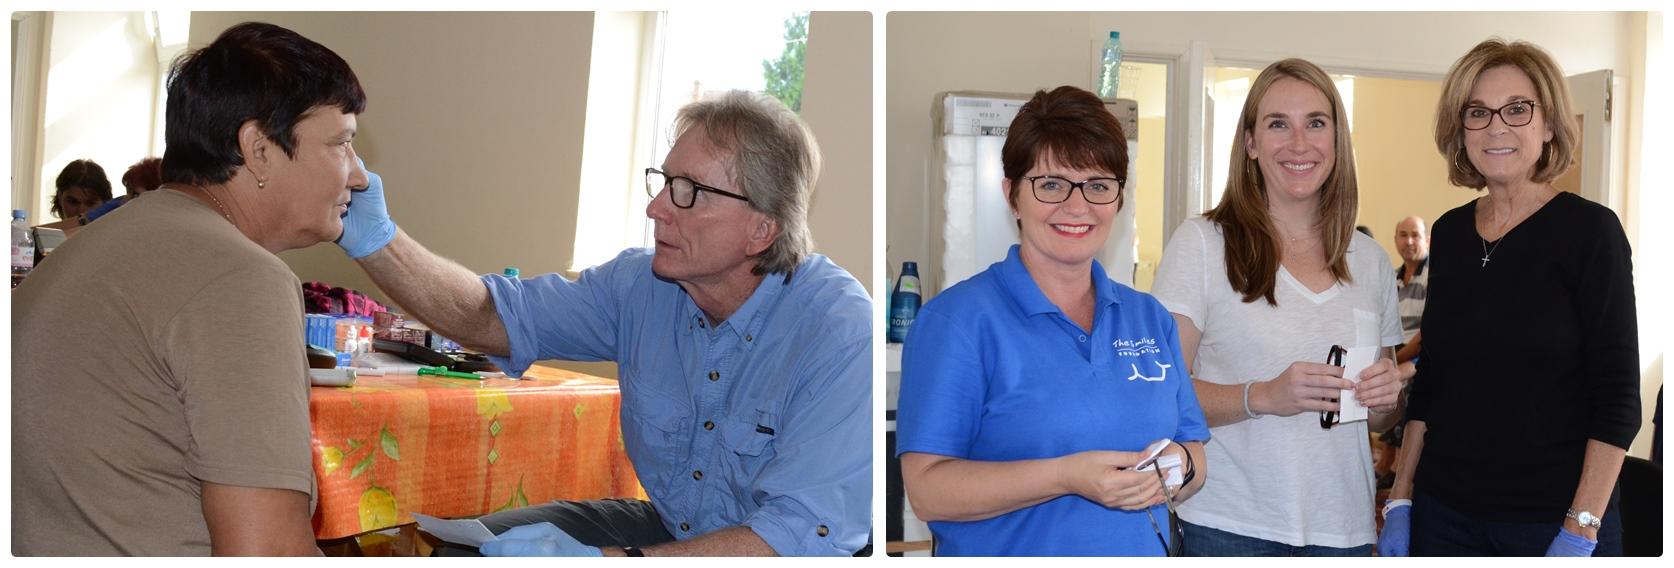 Dr Jim Ann, Erin & Dr Donna